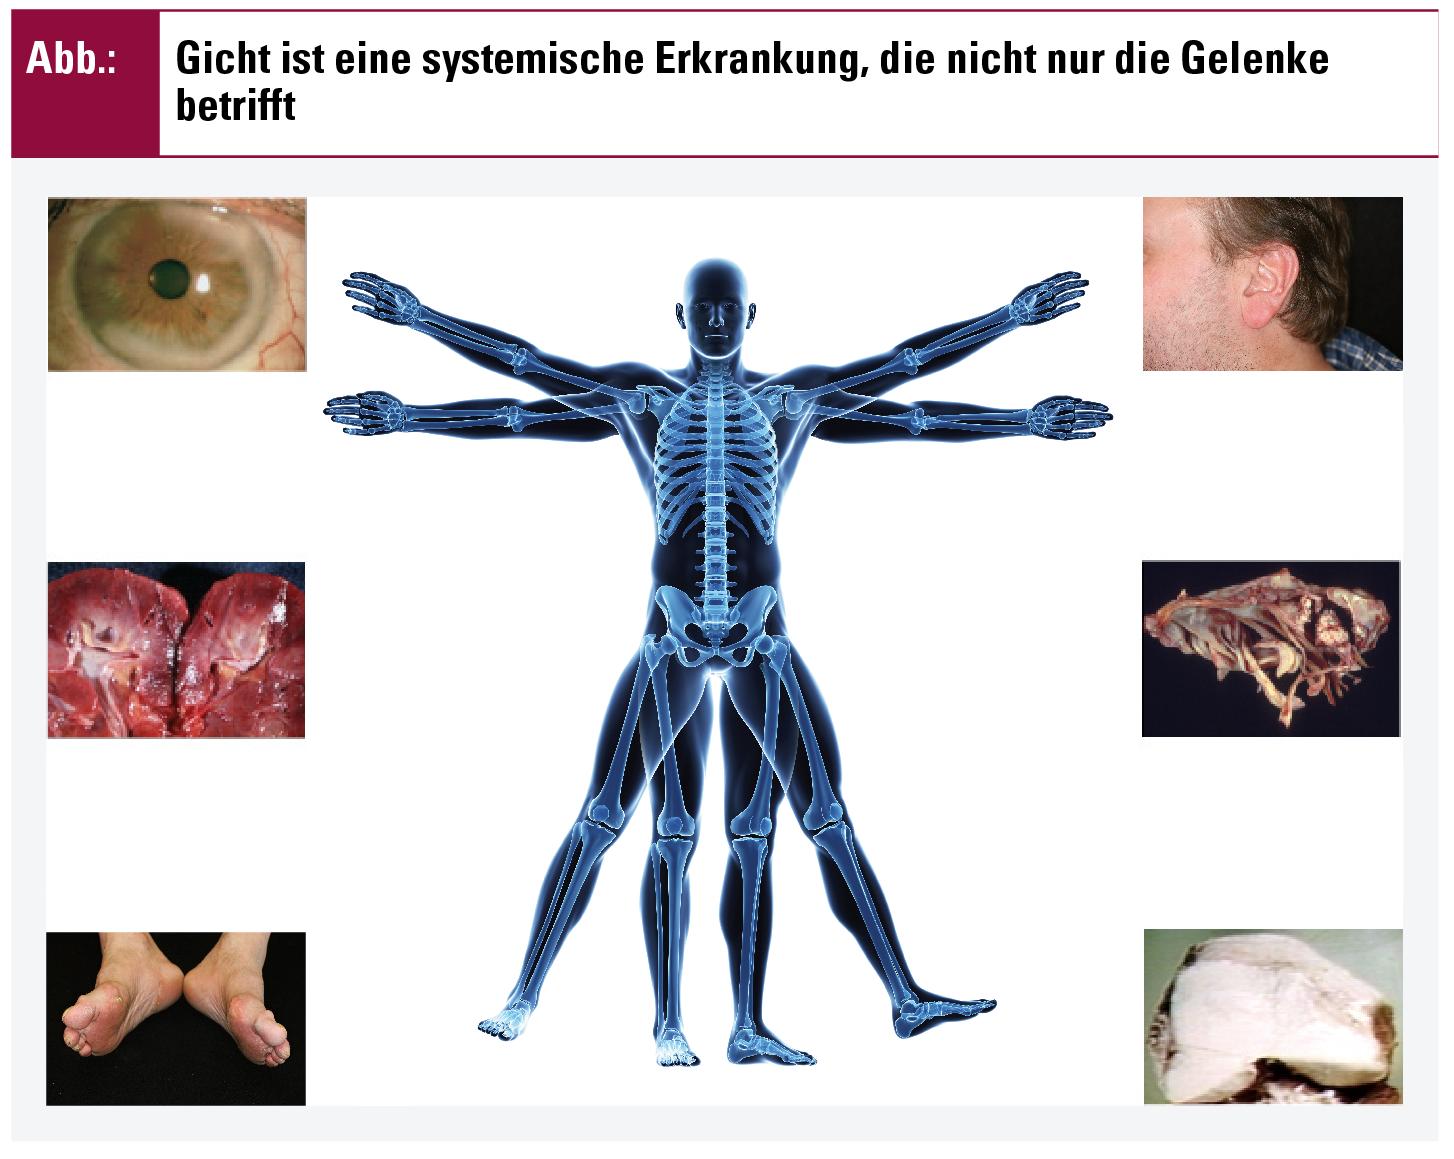 Großartig Definieren Systemische Anatomie Fotos - Anatomie Ideen ...